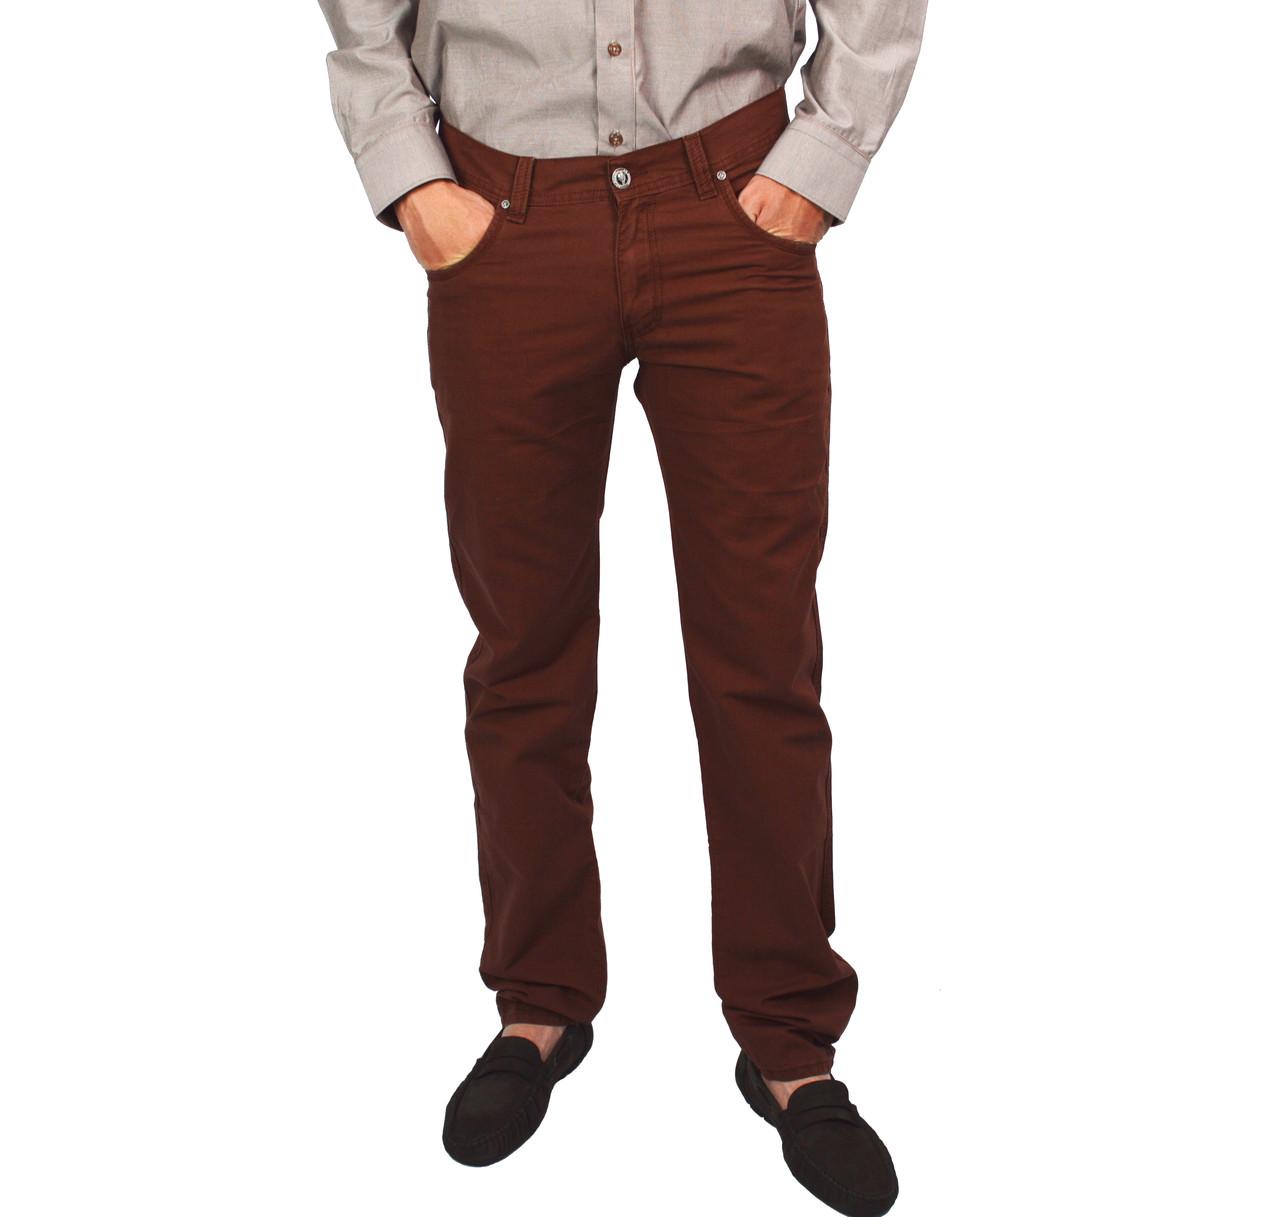 Коричневые мужские джинсы прямые LE GUTTI